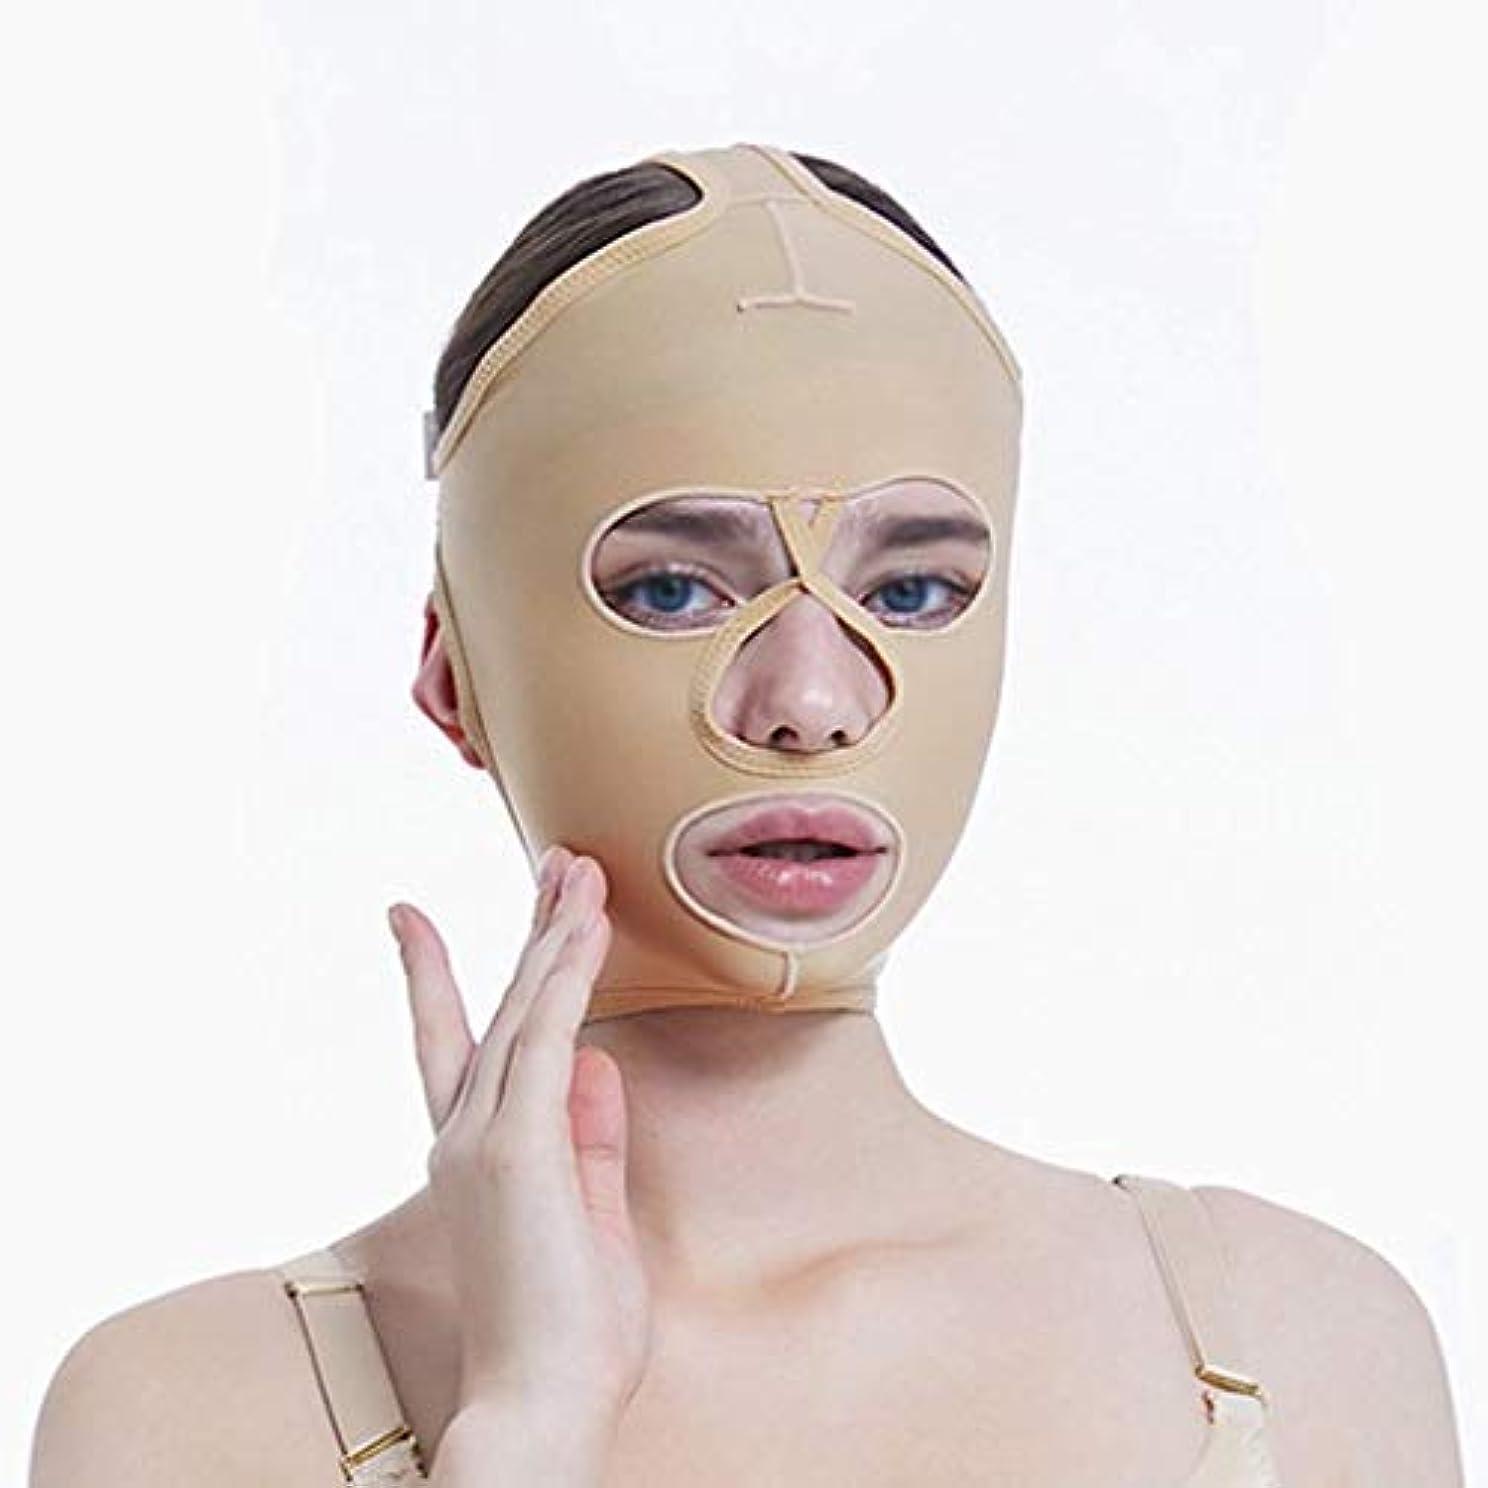 さびたサリー退化するチンリフティングベルト、超薄型ベルト、引き締めマスク、包帯吊り、フェイスリフティングマスク、超薄型ベルト、通気性(サイズ:L),ザ?